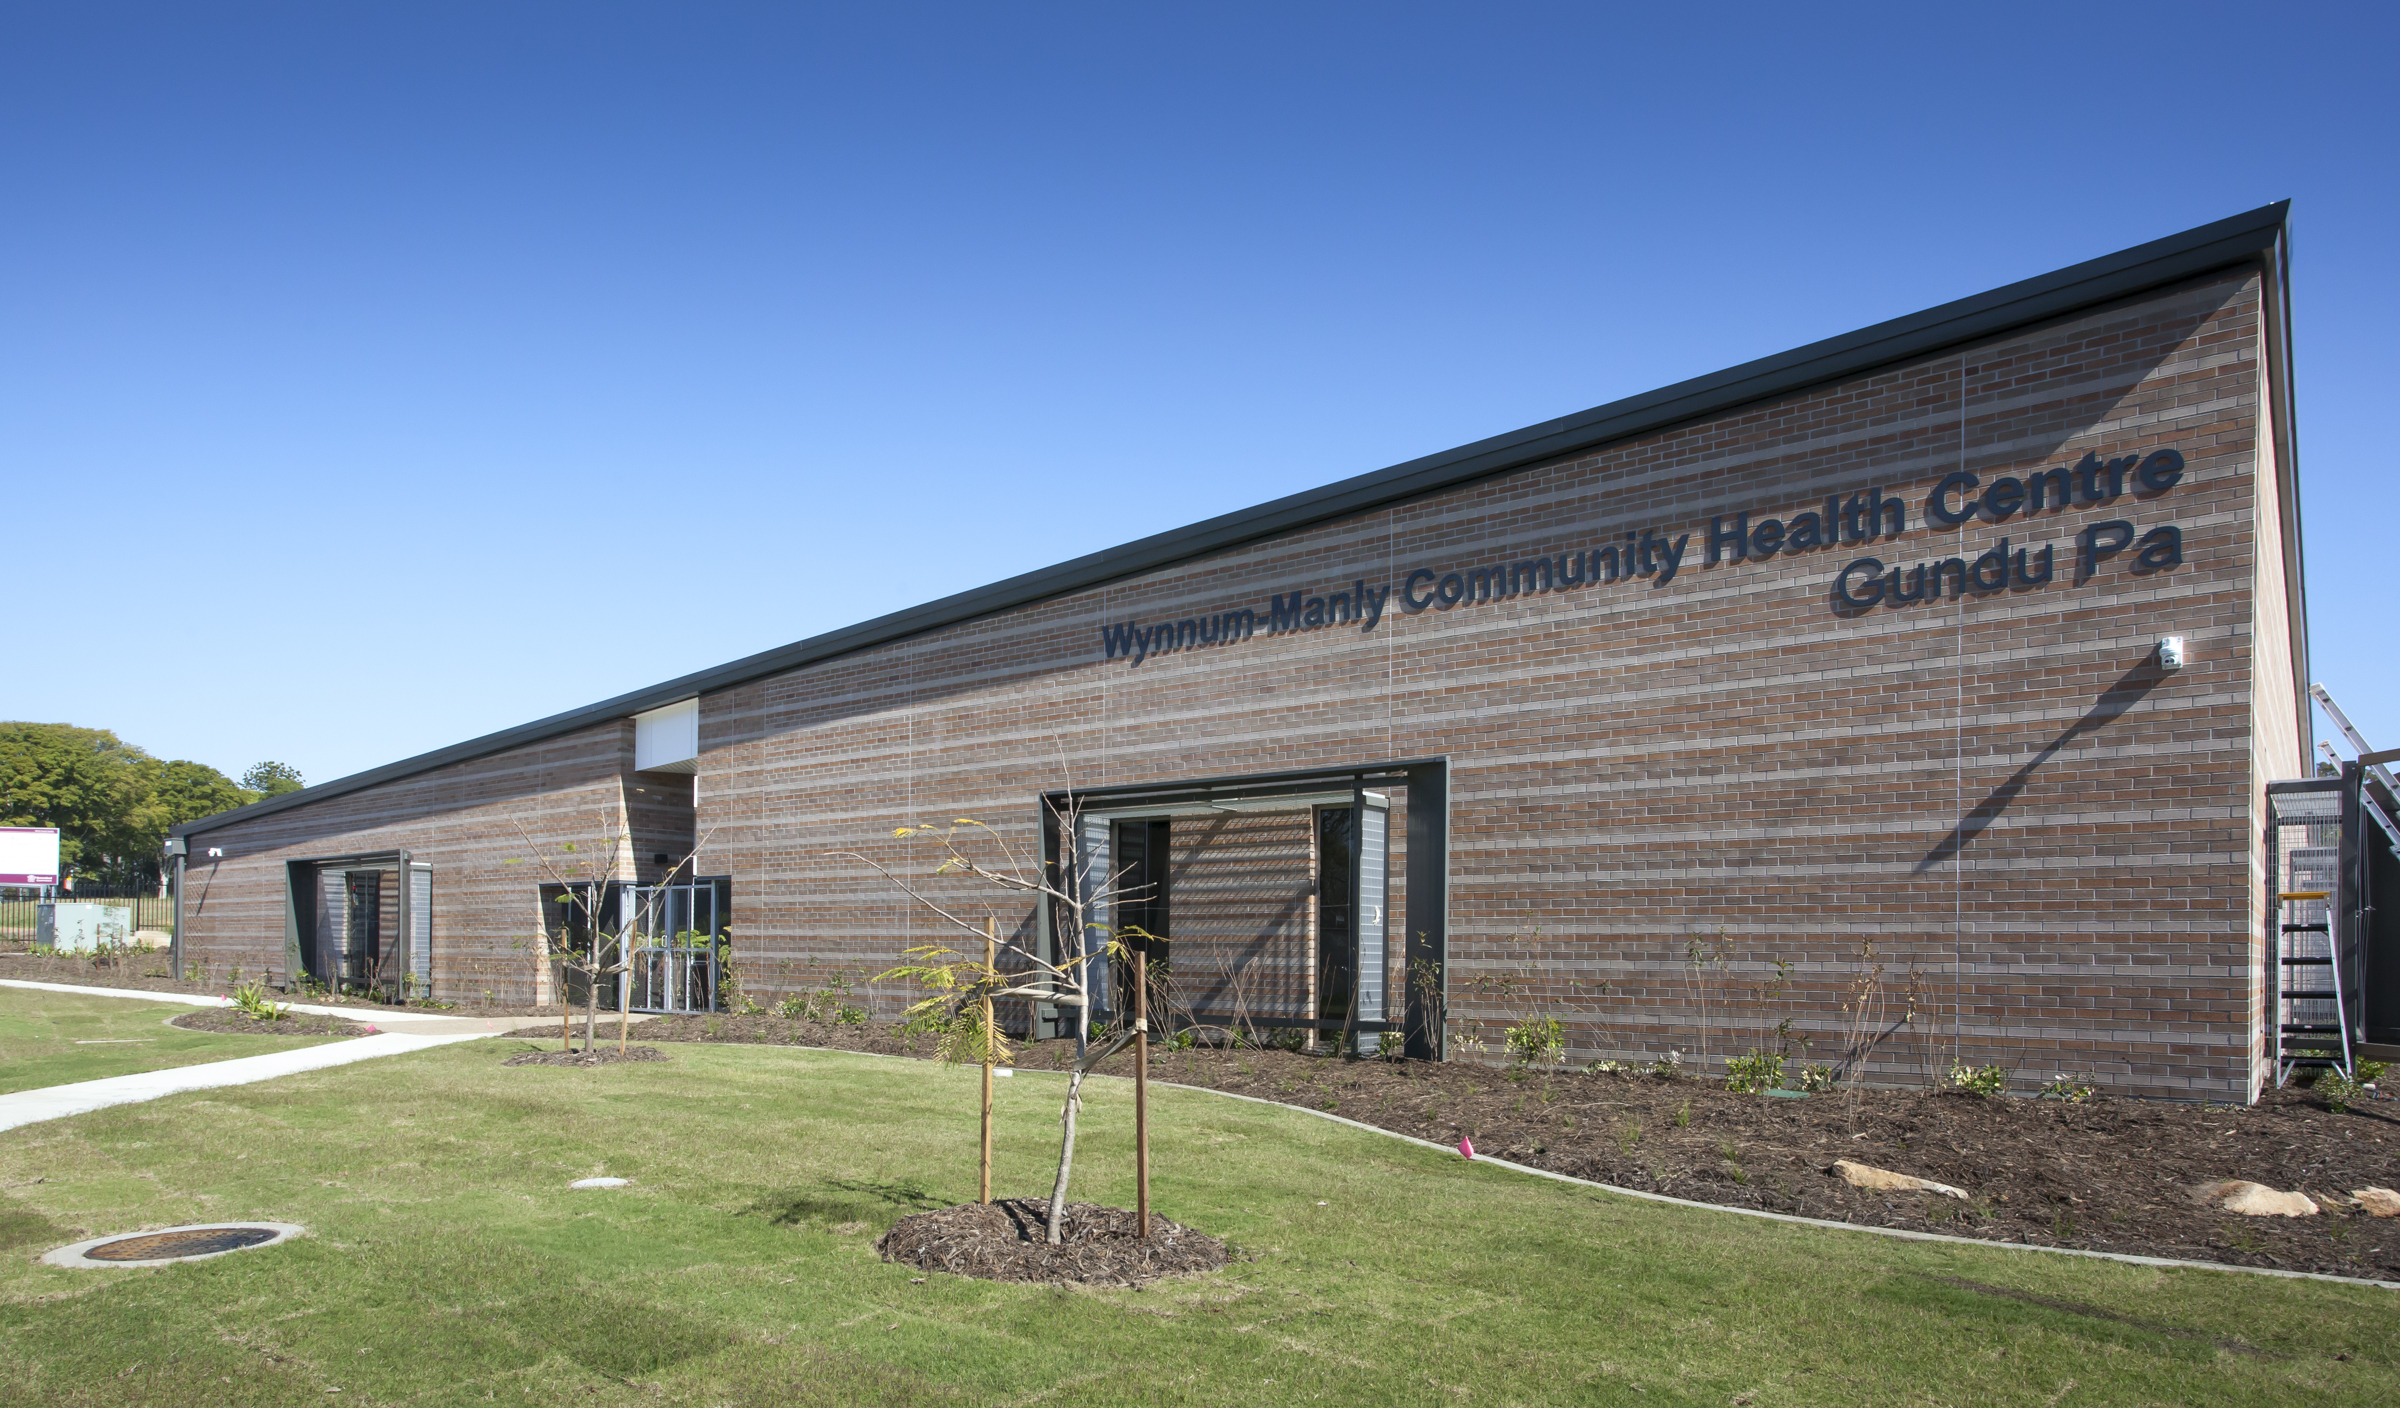 Wynnum Manly Community Health Centre, Gunda Pa